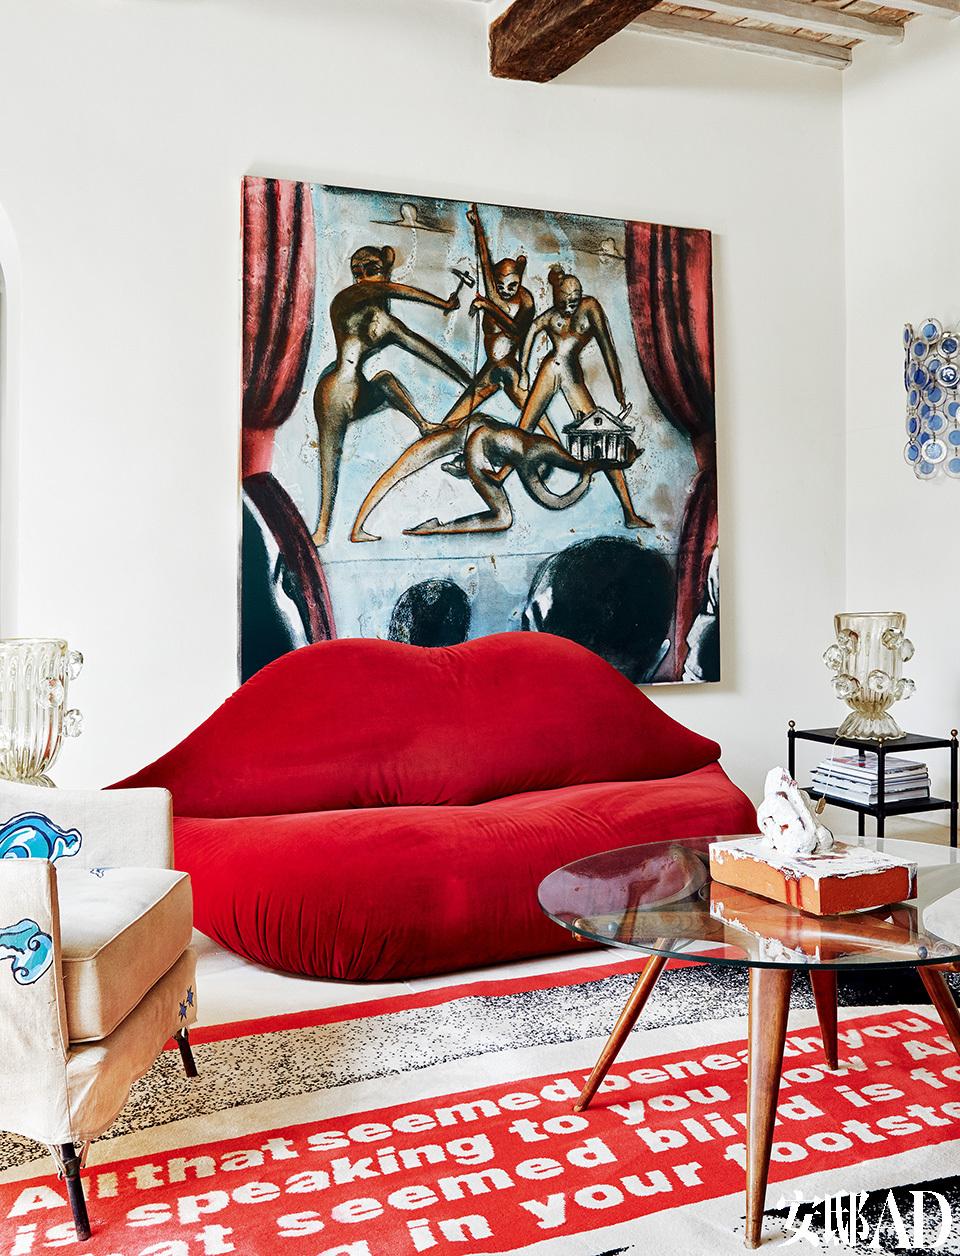 达利著名的红唇沙发,沙发两侧的边桌来自法国设计师Jacques Adnet(1901-1984)。沙发后侧悬挂的画作来自意大利艺术家Francesco Clemente。地毯由美国观念艺术家Barbara Kruger设计。咖啡桌来自美国室内设计师 Albert Hadley(1920-2012)。上面摆放的雕塑来自德国观念艺 术家Thomas Schütte。